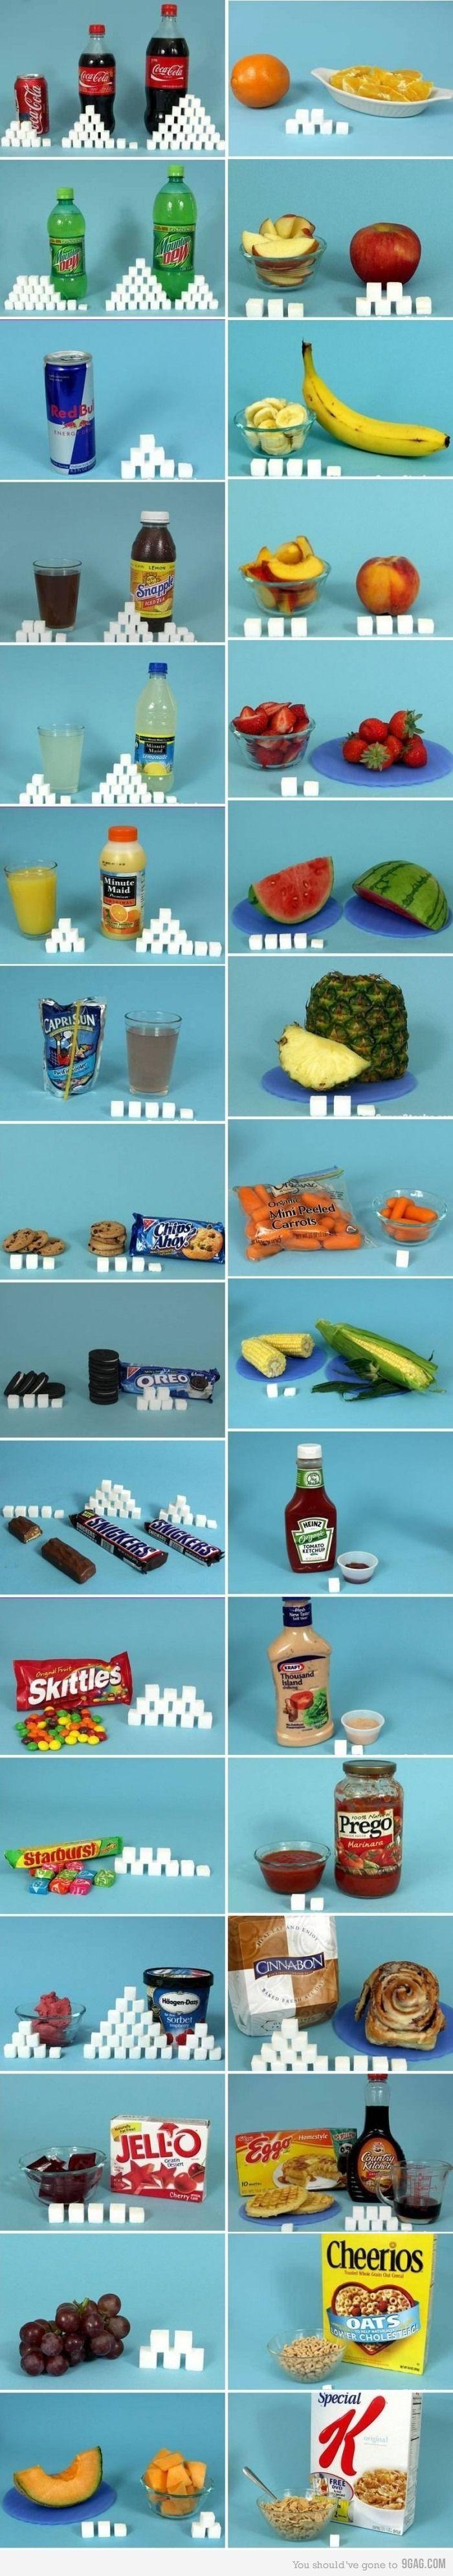 Hangi Yiyecekte Ne Kadar Şeker Var ?